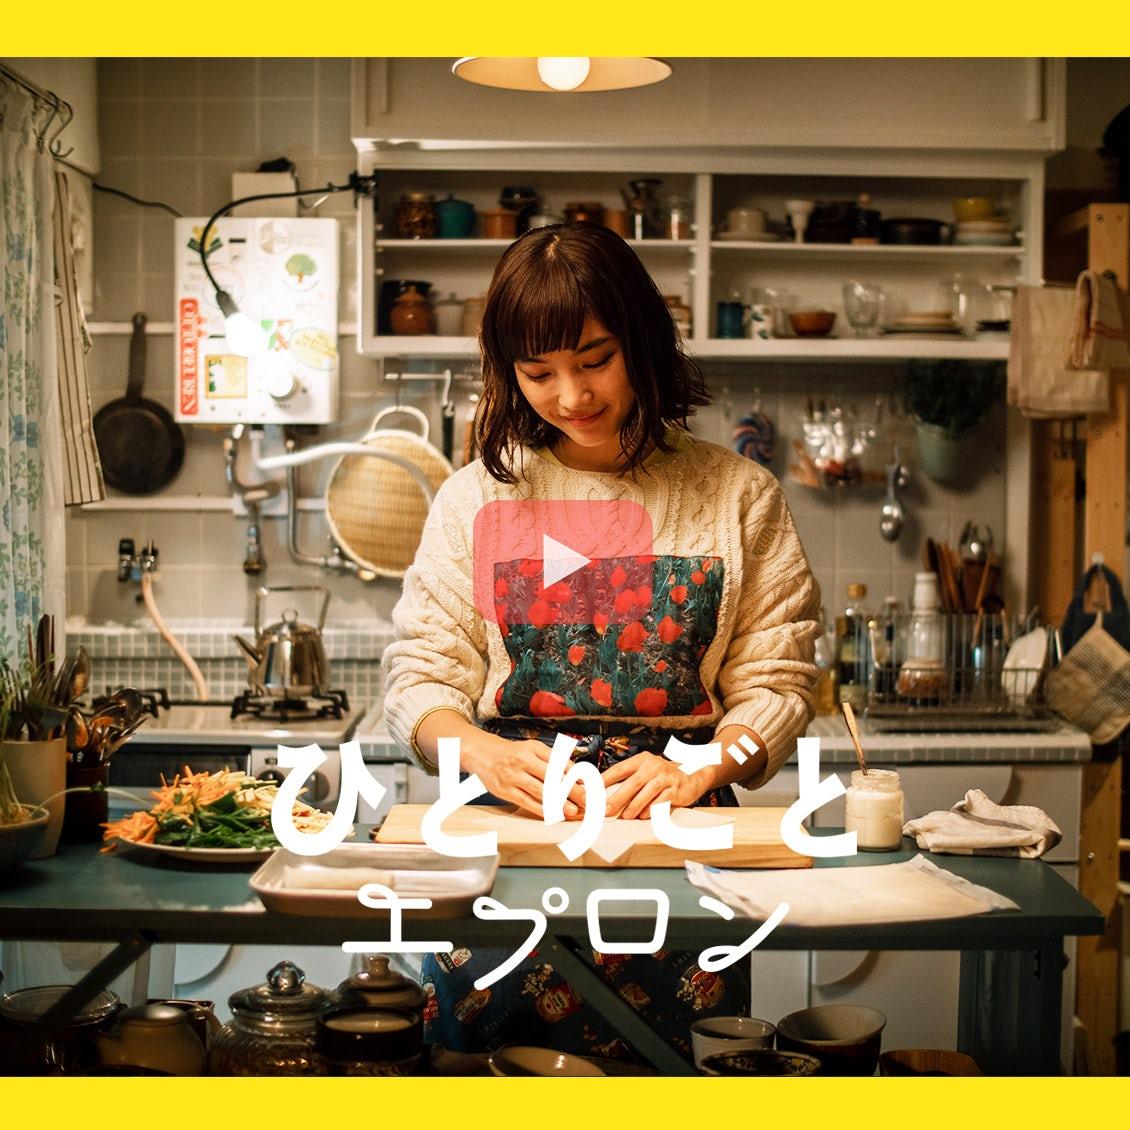 【最新話を公開!】団地暮らしのキッチンドラマ「ひとりごとエプロン」第2話をお届けします